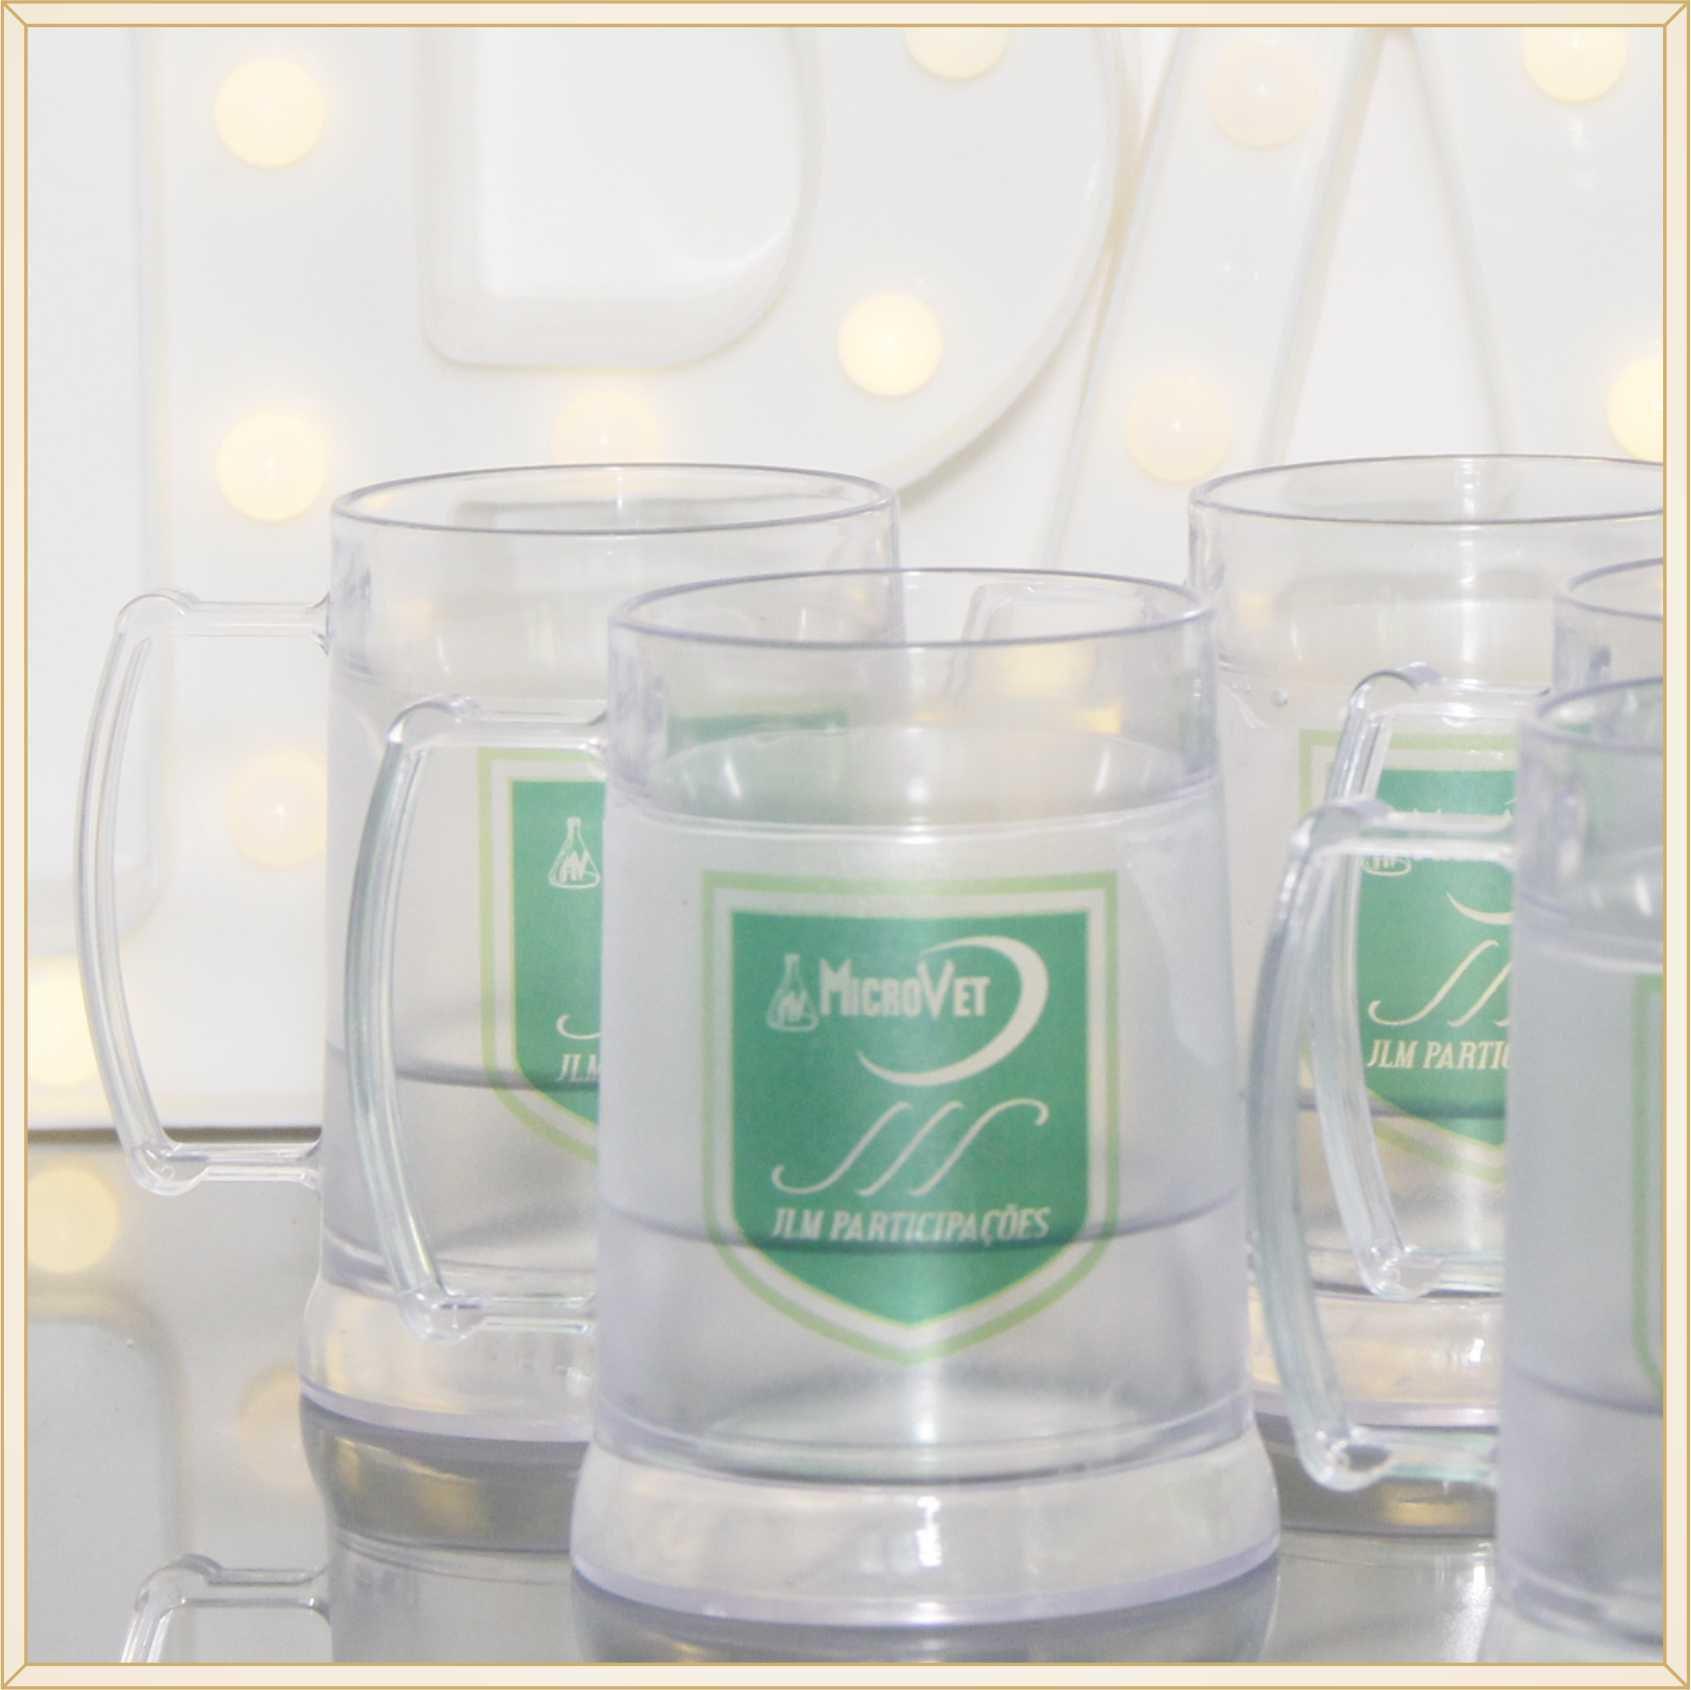 a6b876a32 10 Canecas de acrílico gel congelante para brindes empresariais  personalizados para feiras e eventos corporativos ...